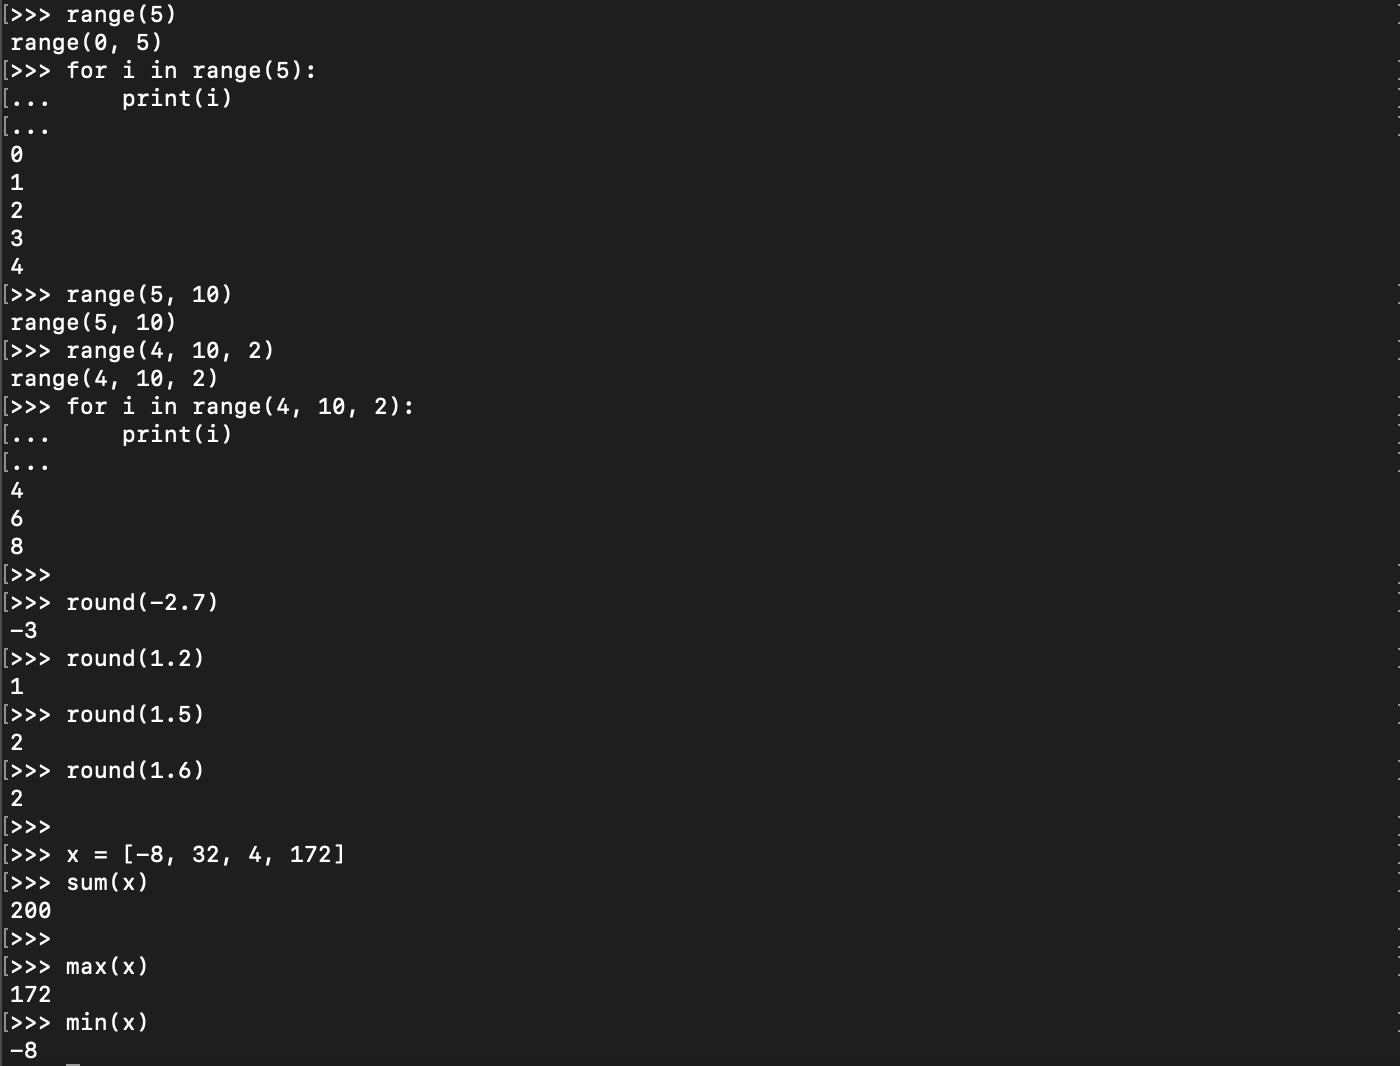 Fonctions Python mathématiques prédéfinies